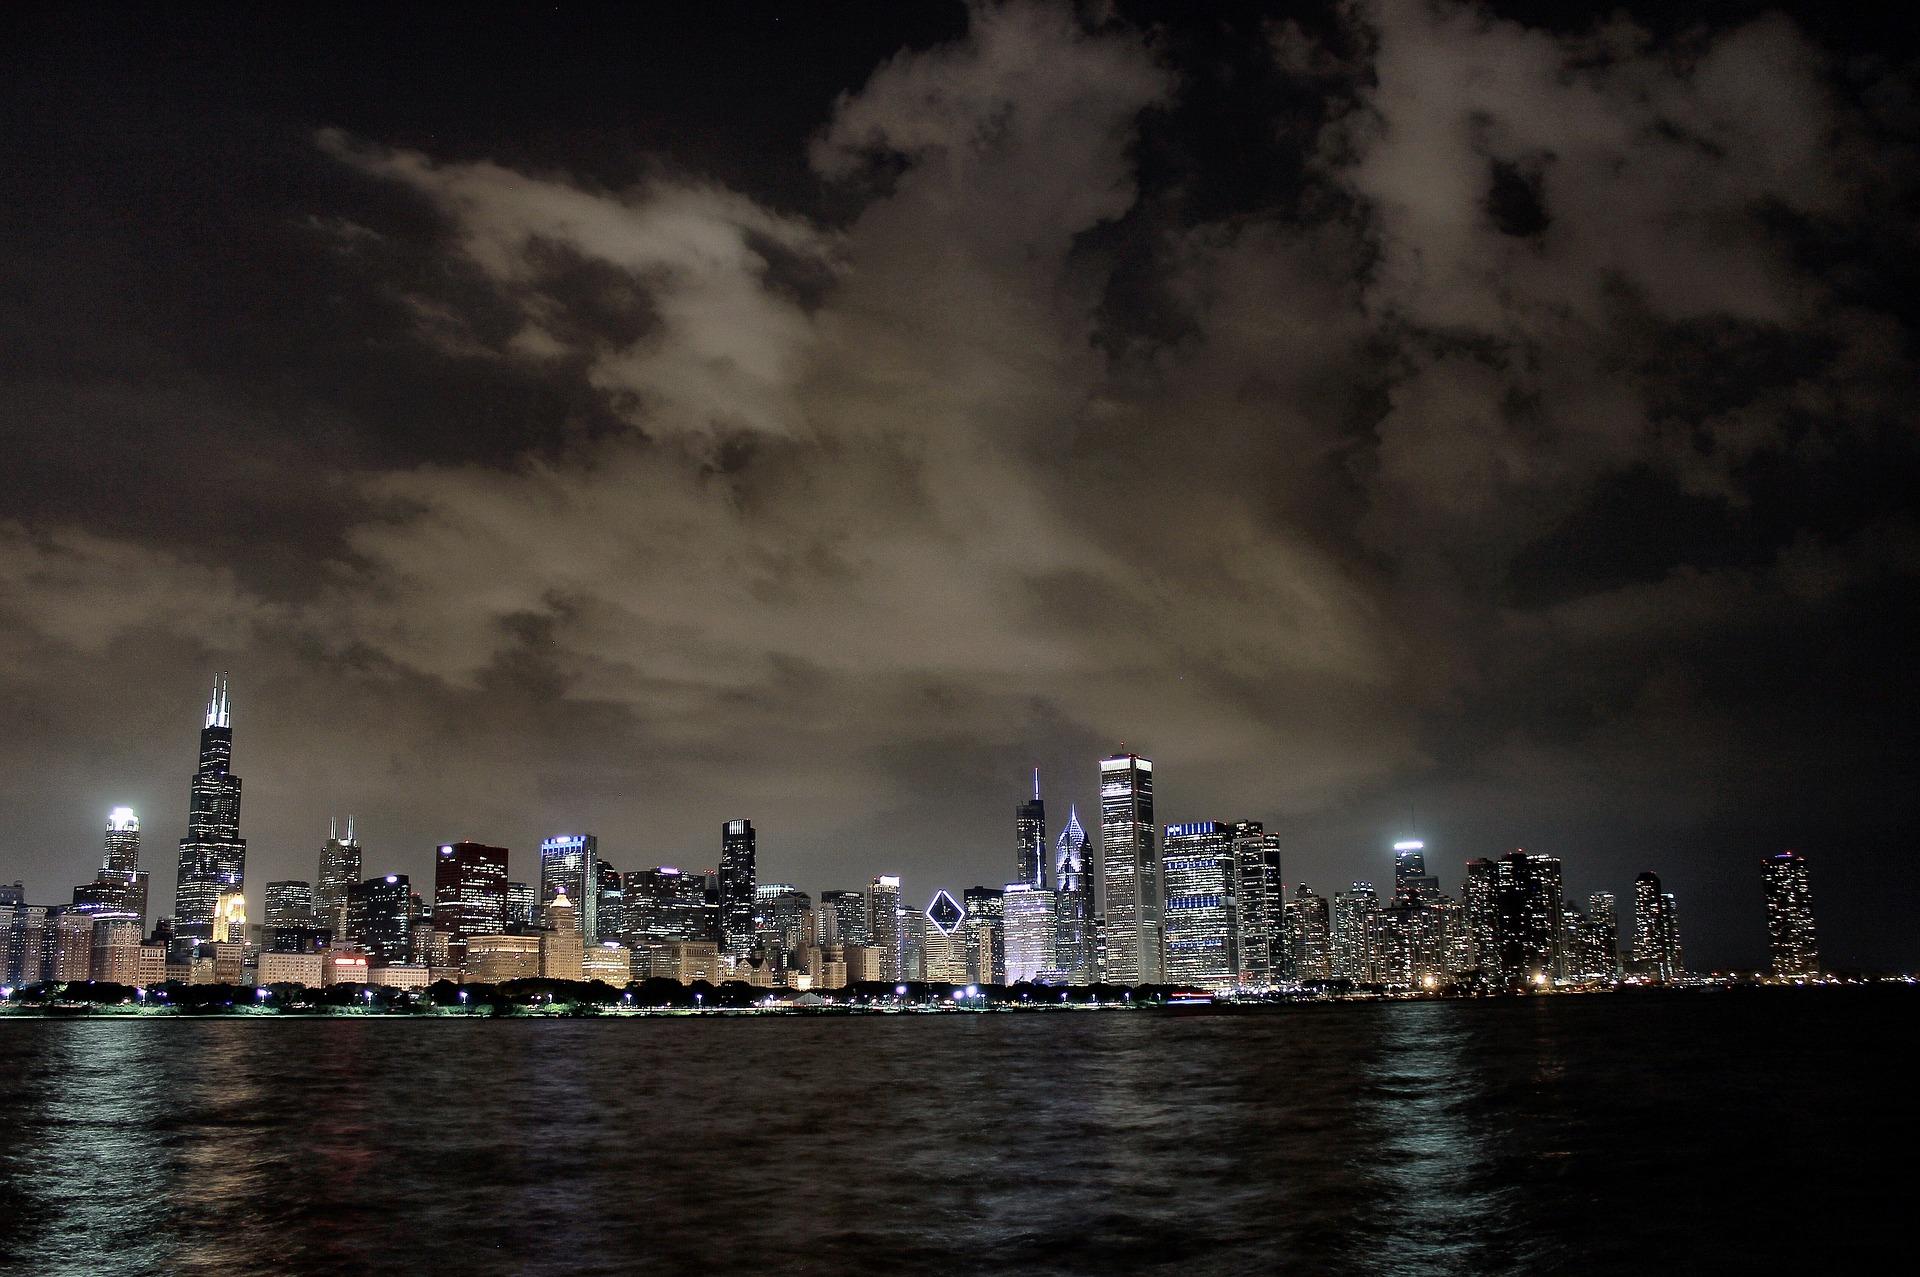 chicago-1819180_1920.jpg